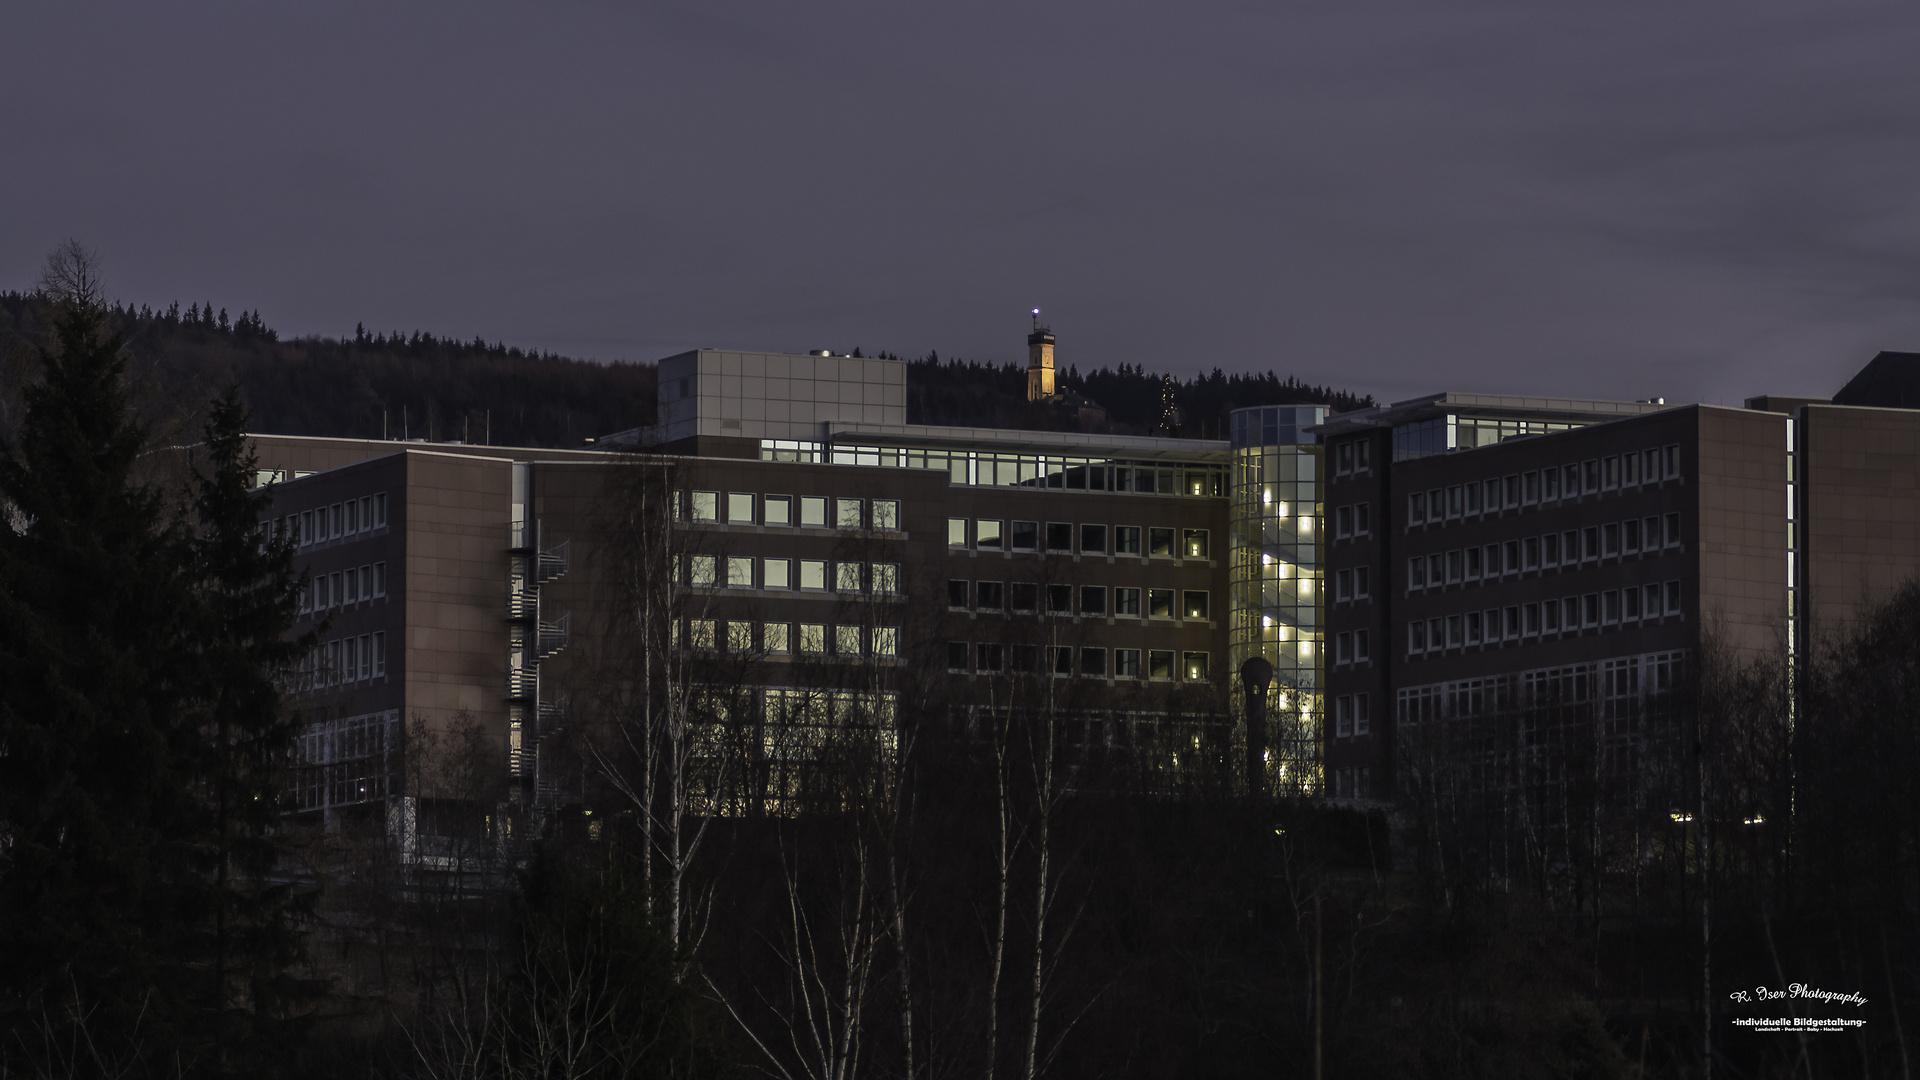 Agentur für Arbeit Annaberg-Buchholz